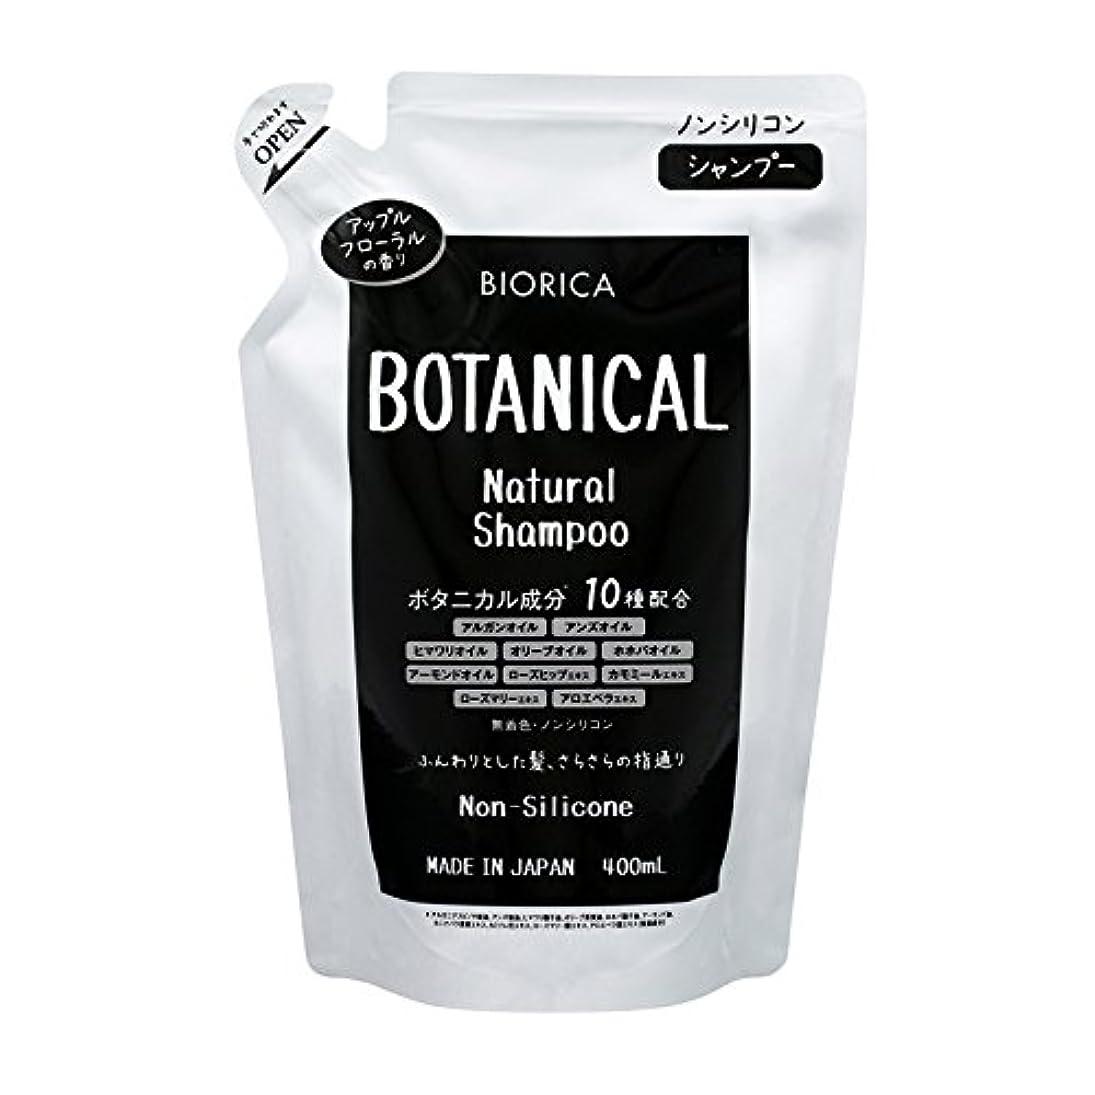 固体腰BIORICA ビオリカ ボタニカル ノンシリコン シャンプー 詰め替え アップルフローラルの香り 400ml 日本製